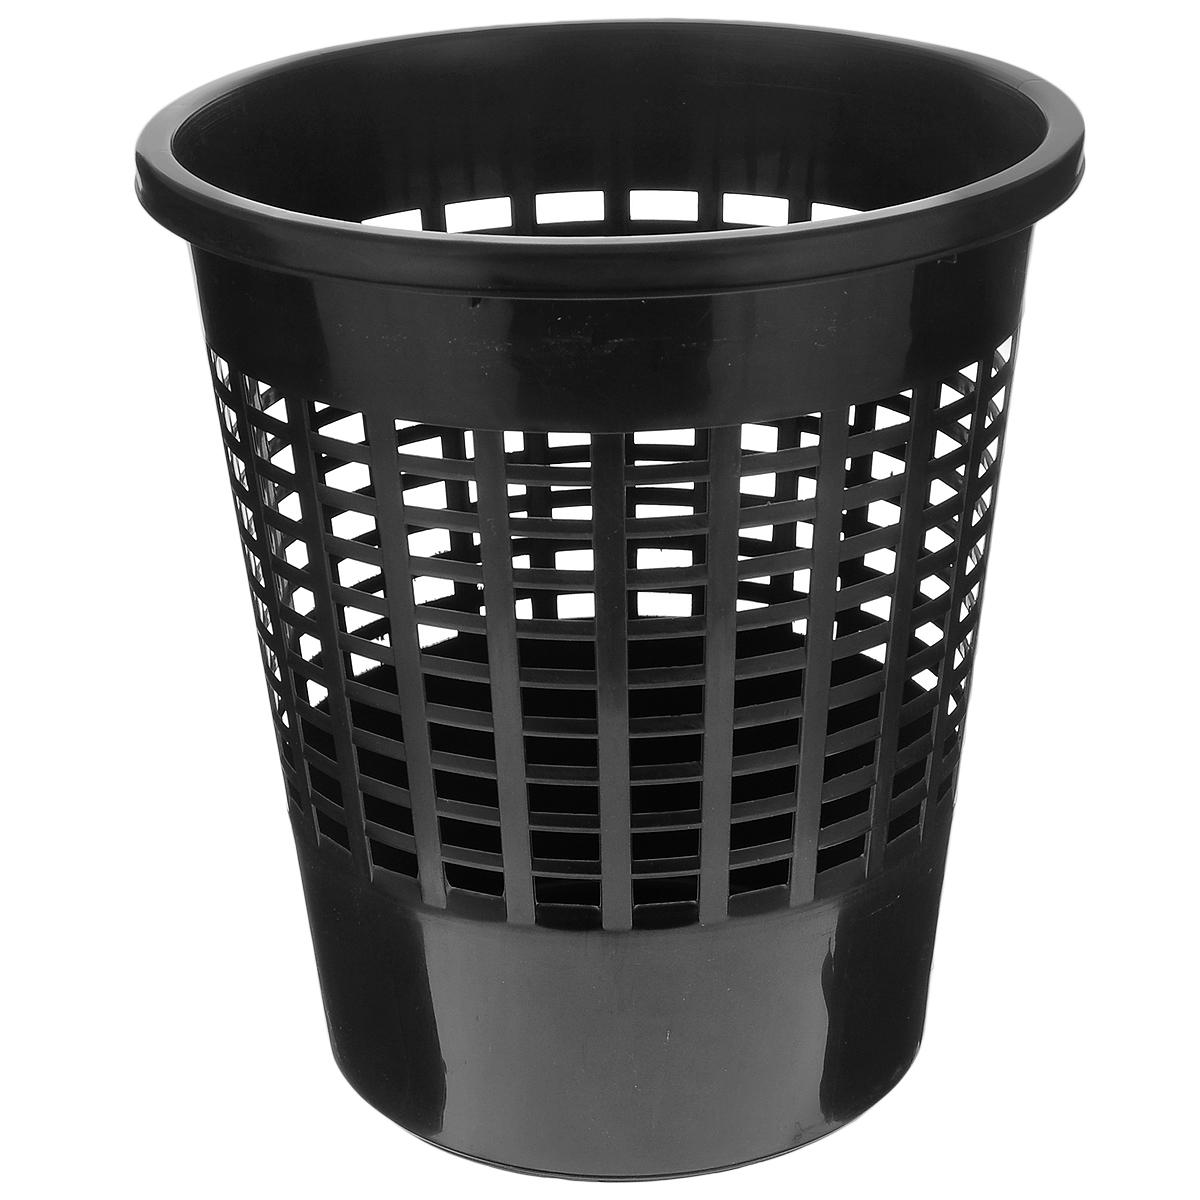 Корзина для бумаг Curver Basics, цвет: черный, высота 30 см корзина для хранения curver ribbon 24 17 12 см белый